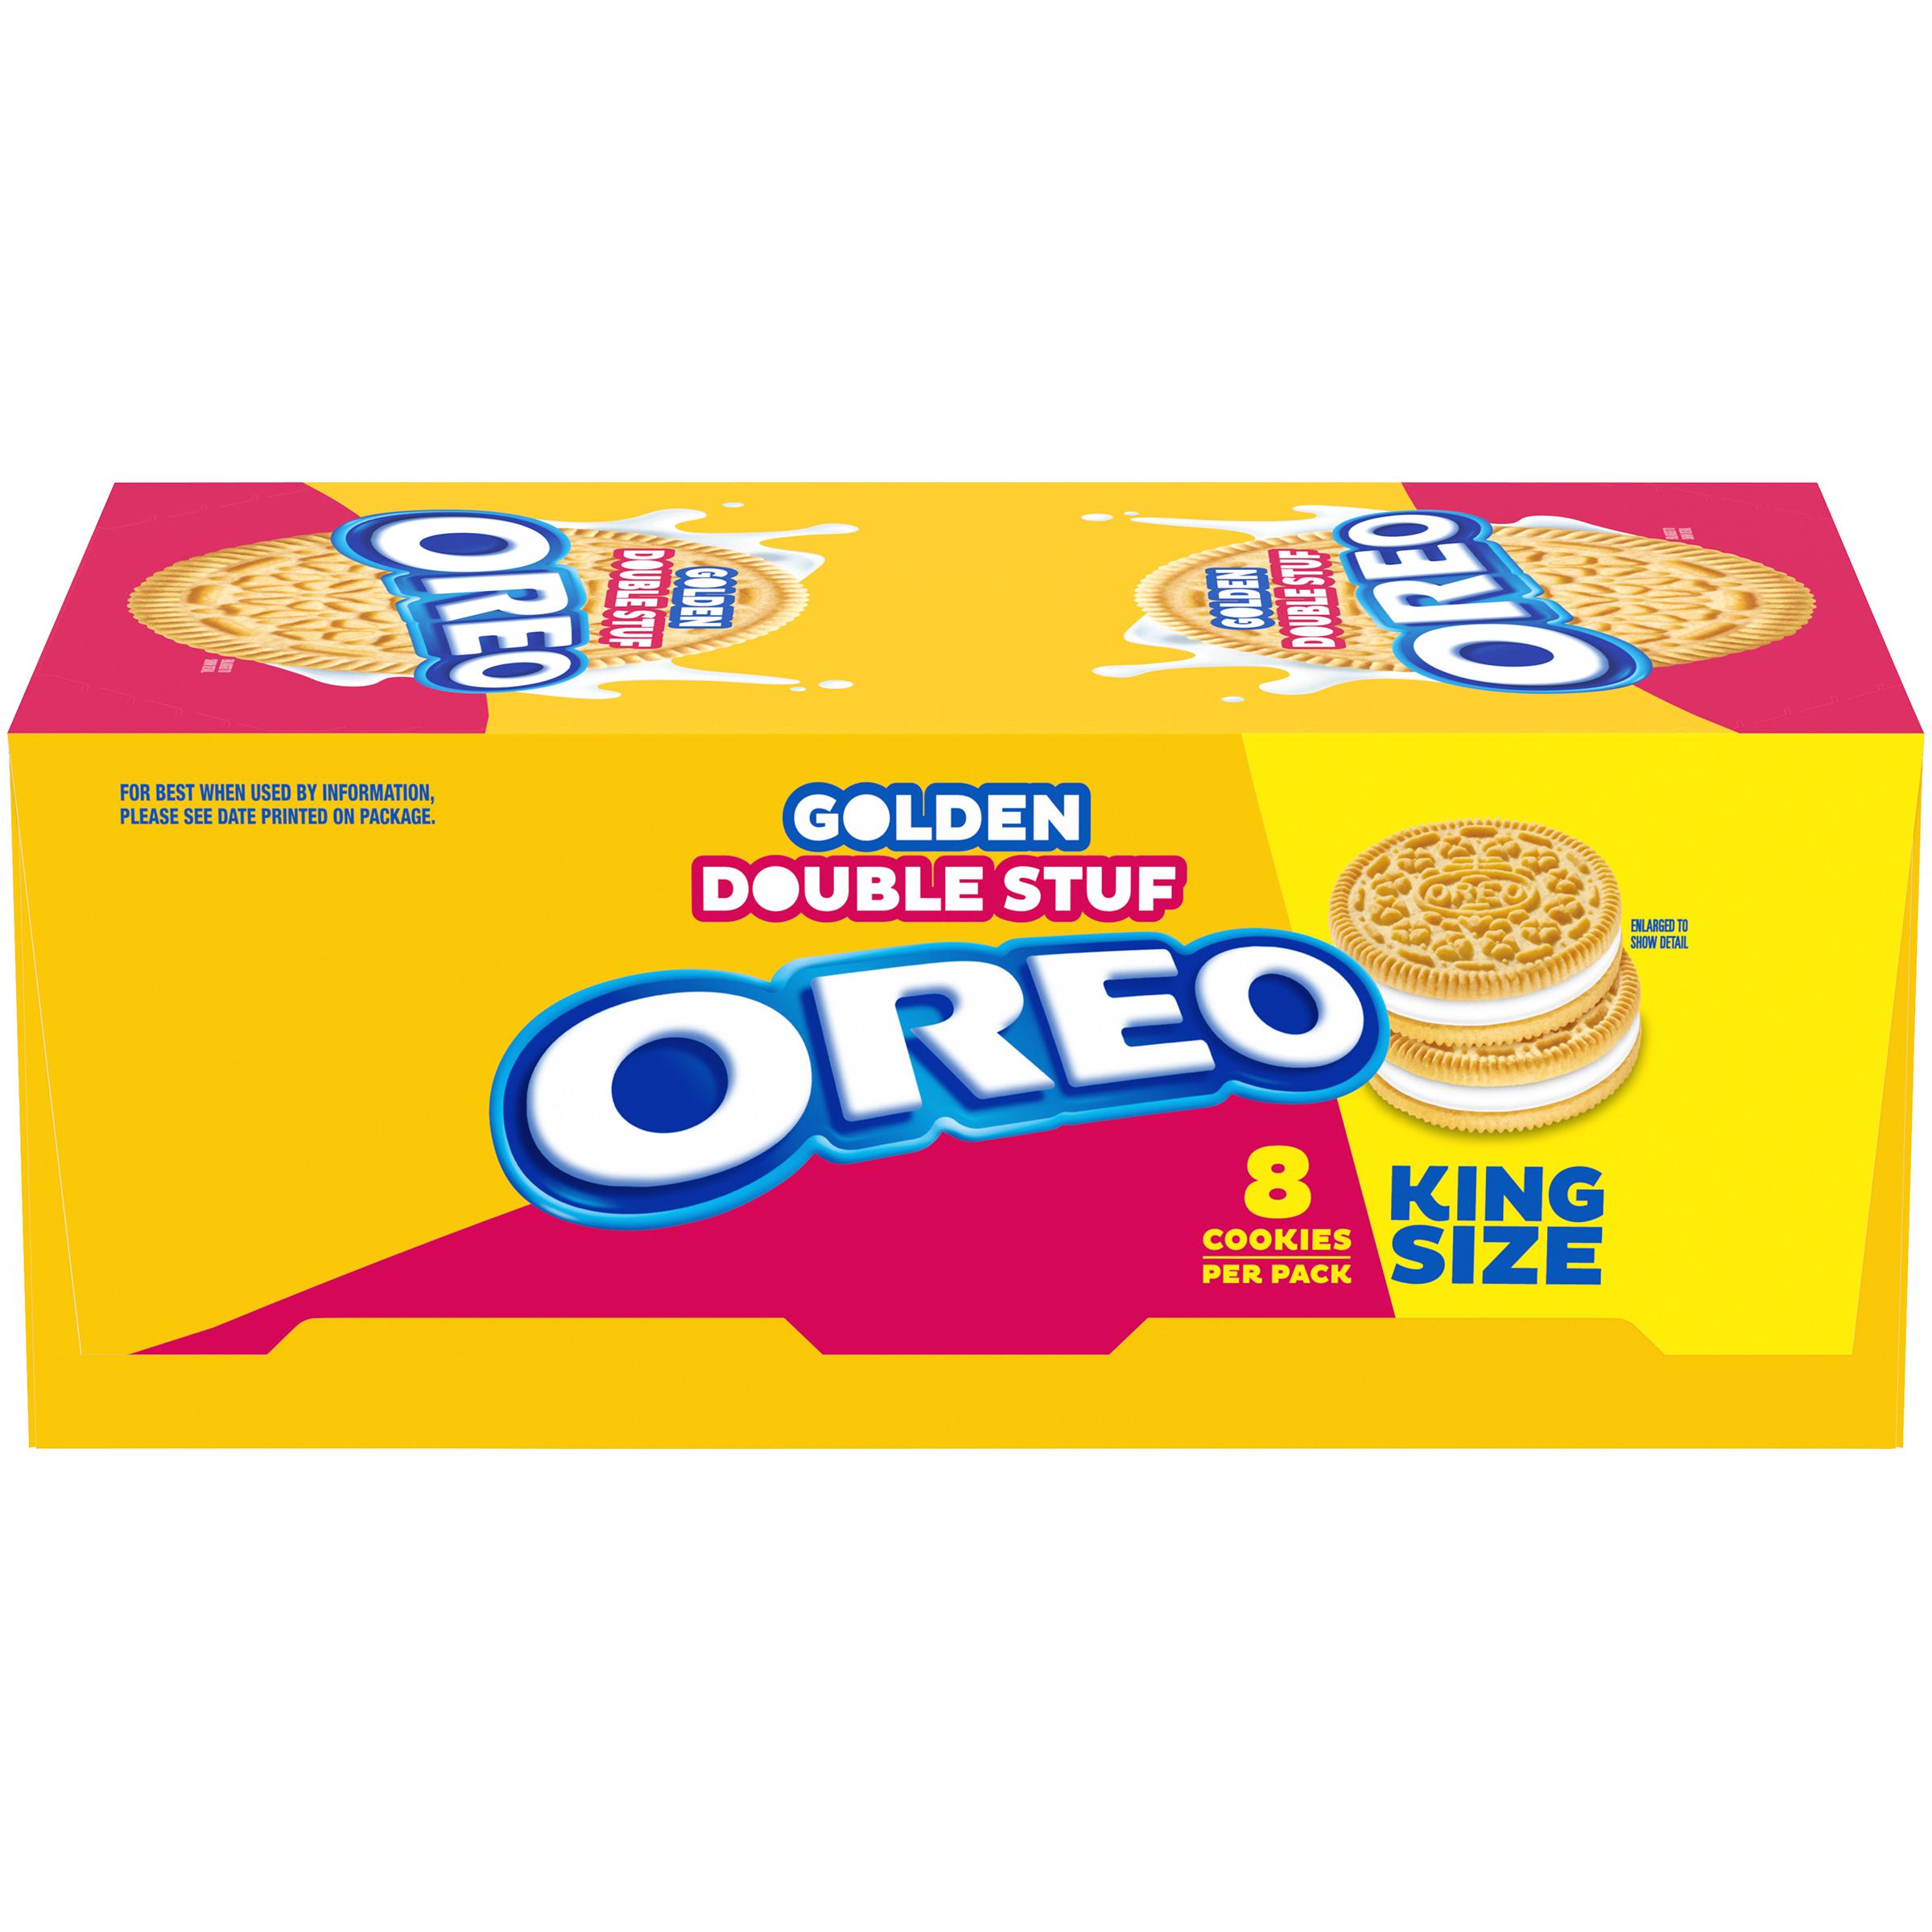 OREO Double Stuf Golden Oreo Cookies 40 oz